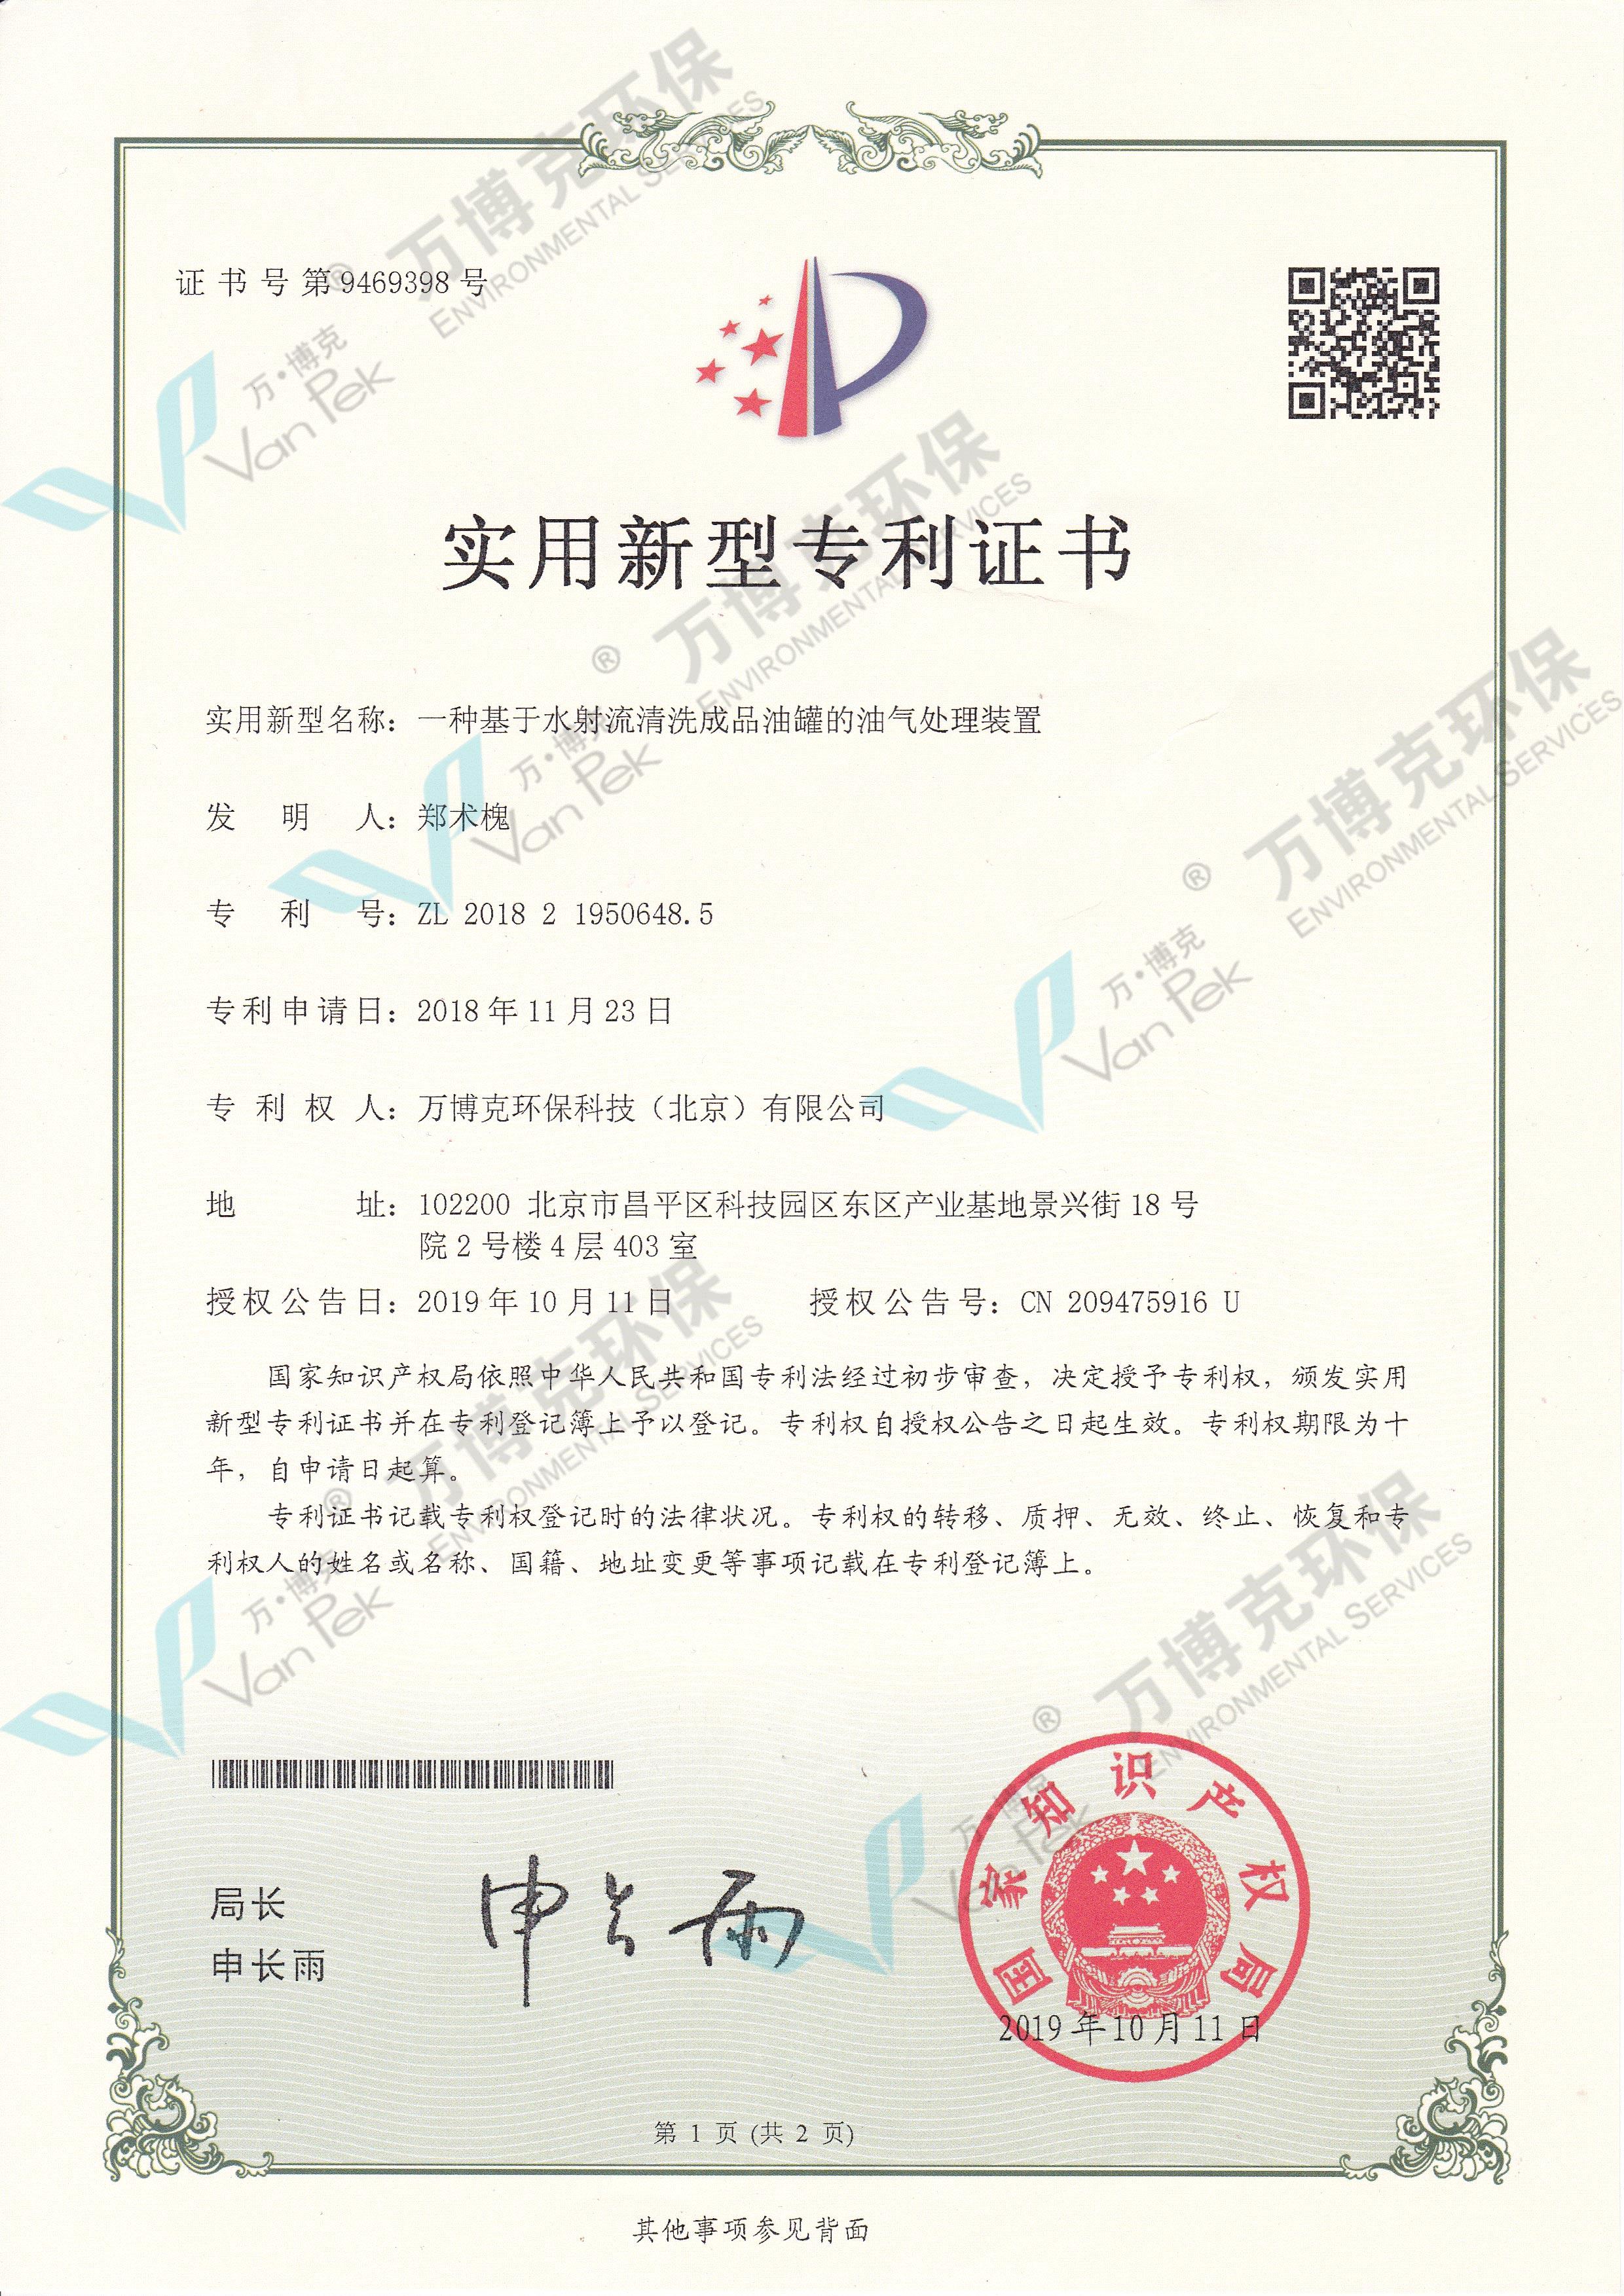 2019年10月,万博克荣获油气处理装置实用新型专利证书